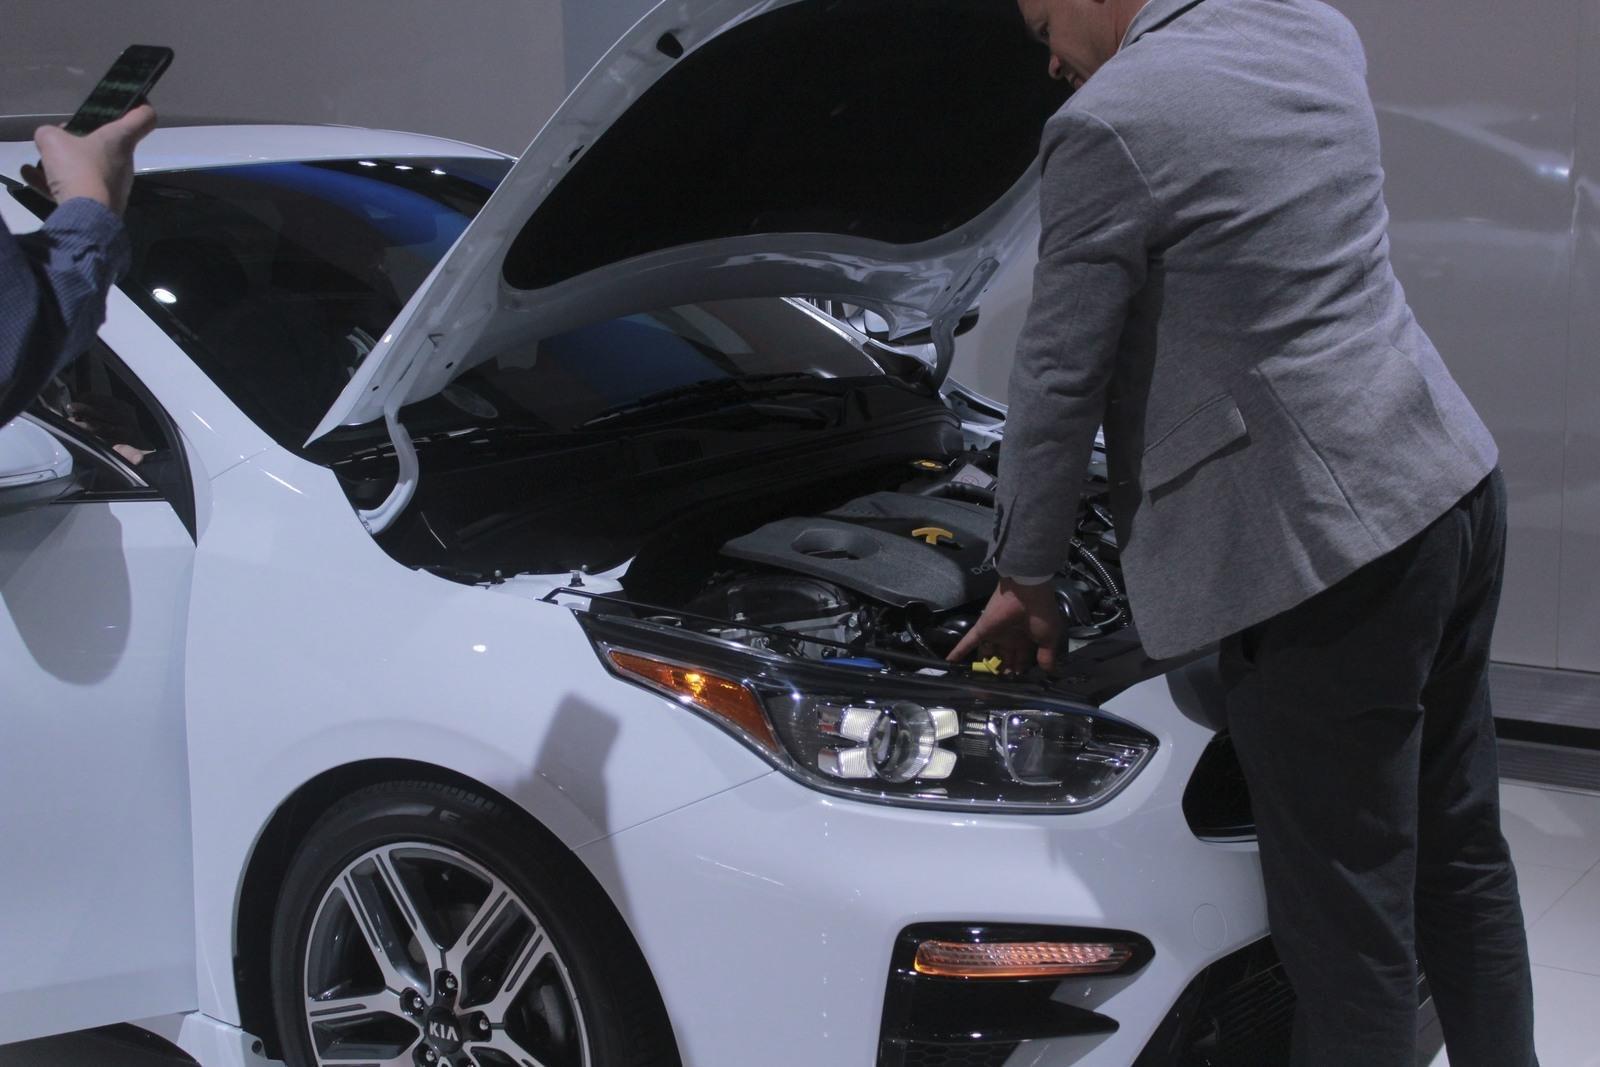 So sánh xe Mazda 3 2018 và Kia Cerato 2019 về khoang hành lý - Ảnh 1.